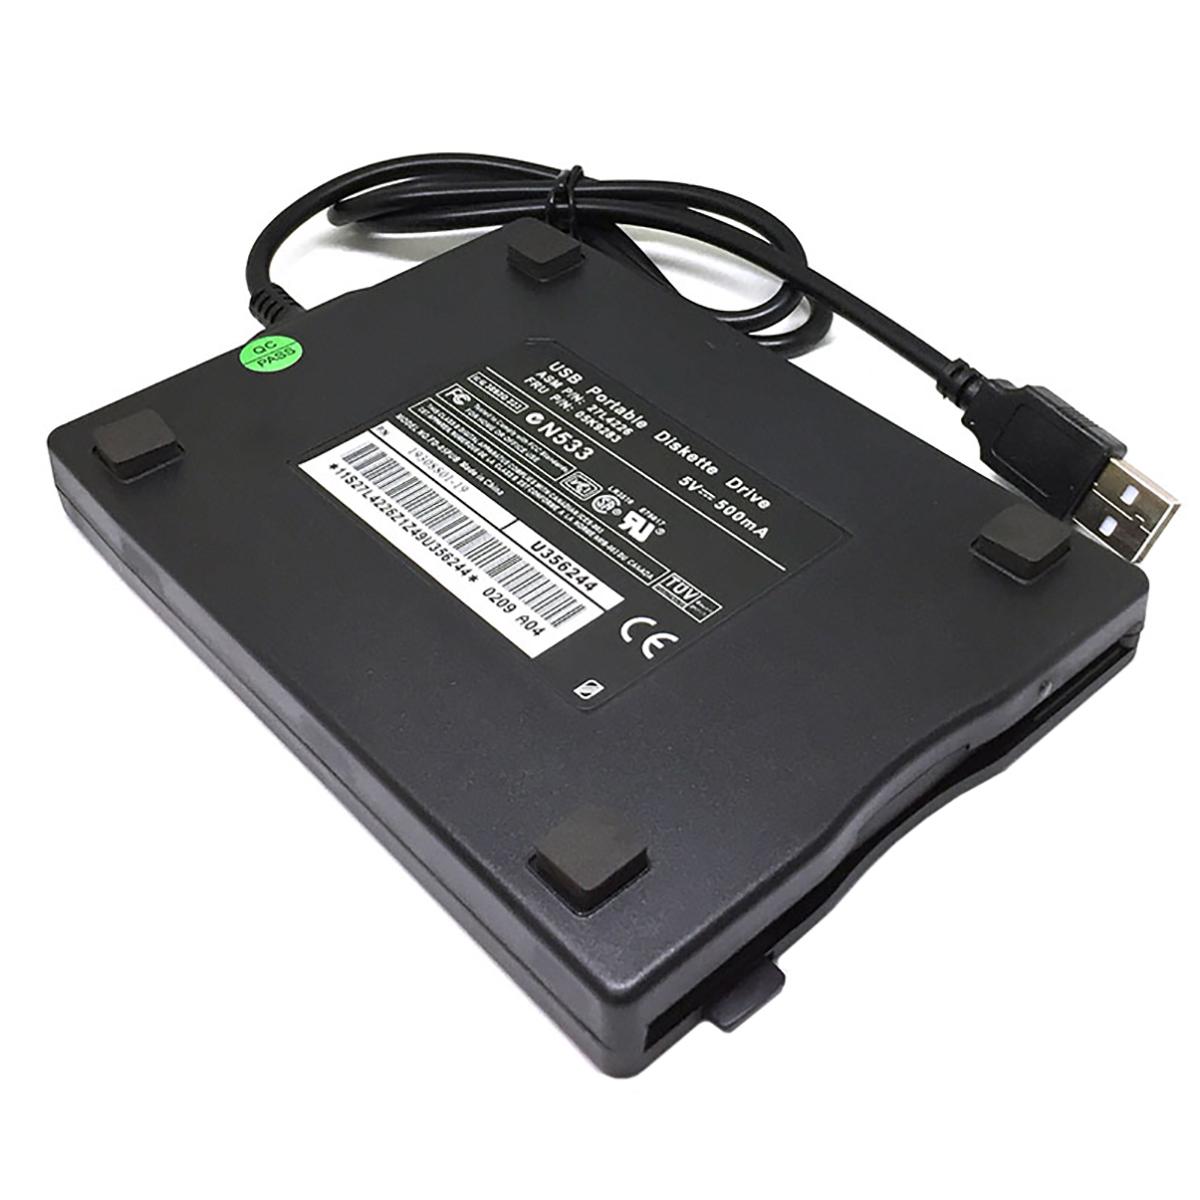 Дисковод внешний FDD 3.5 дюйма Espada FD-05PUB USB